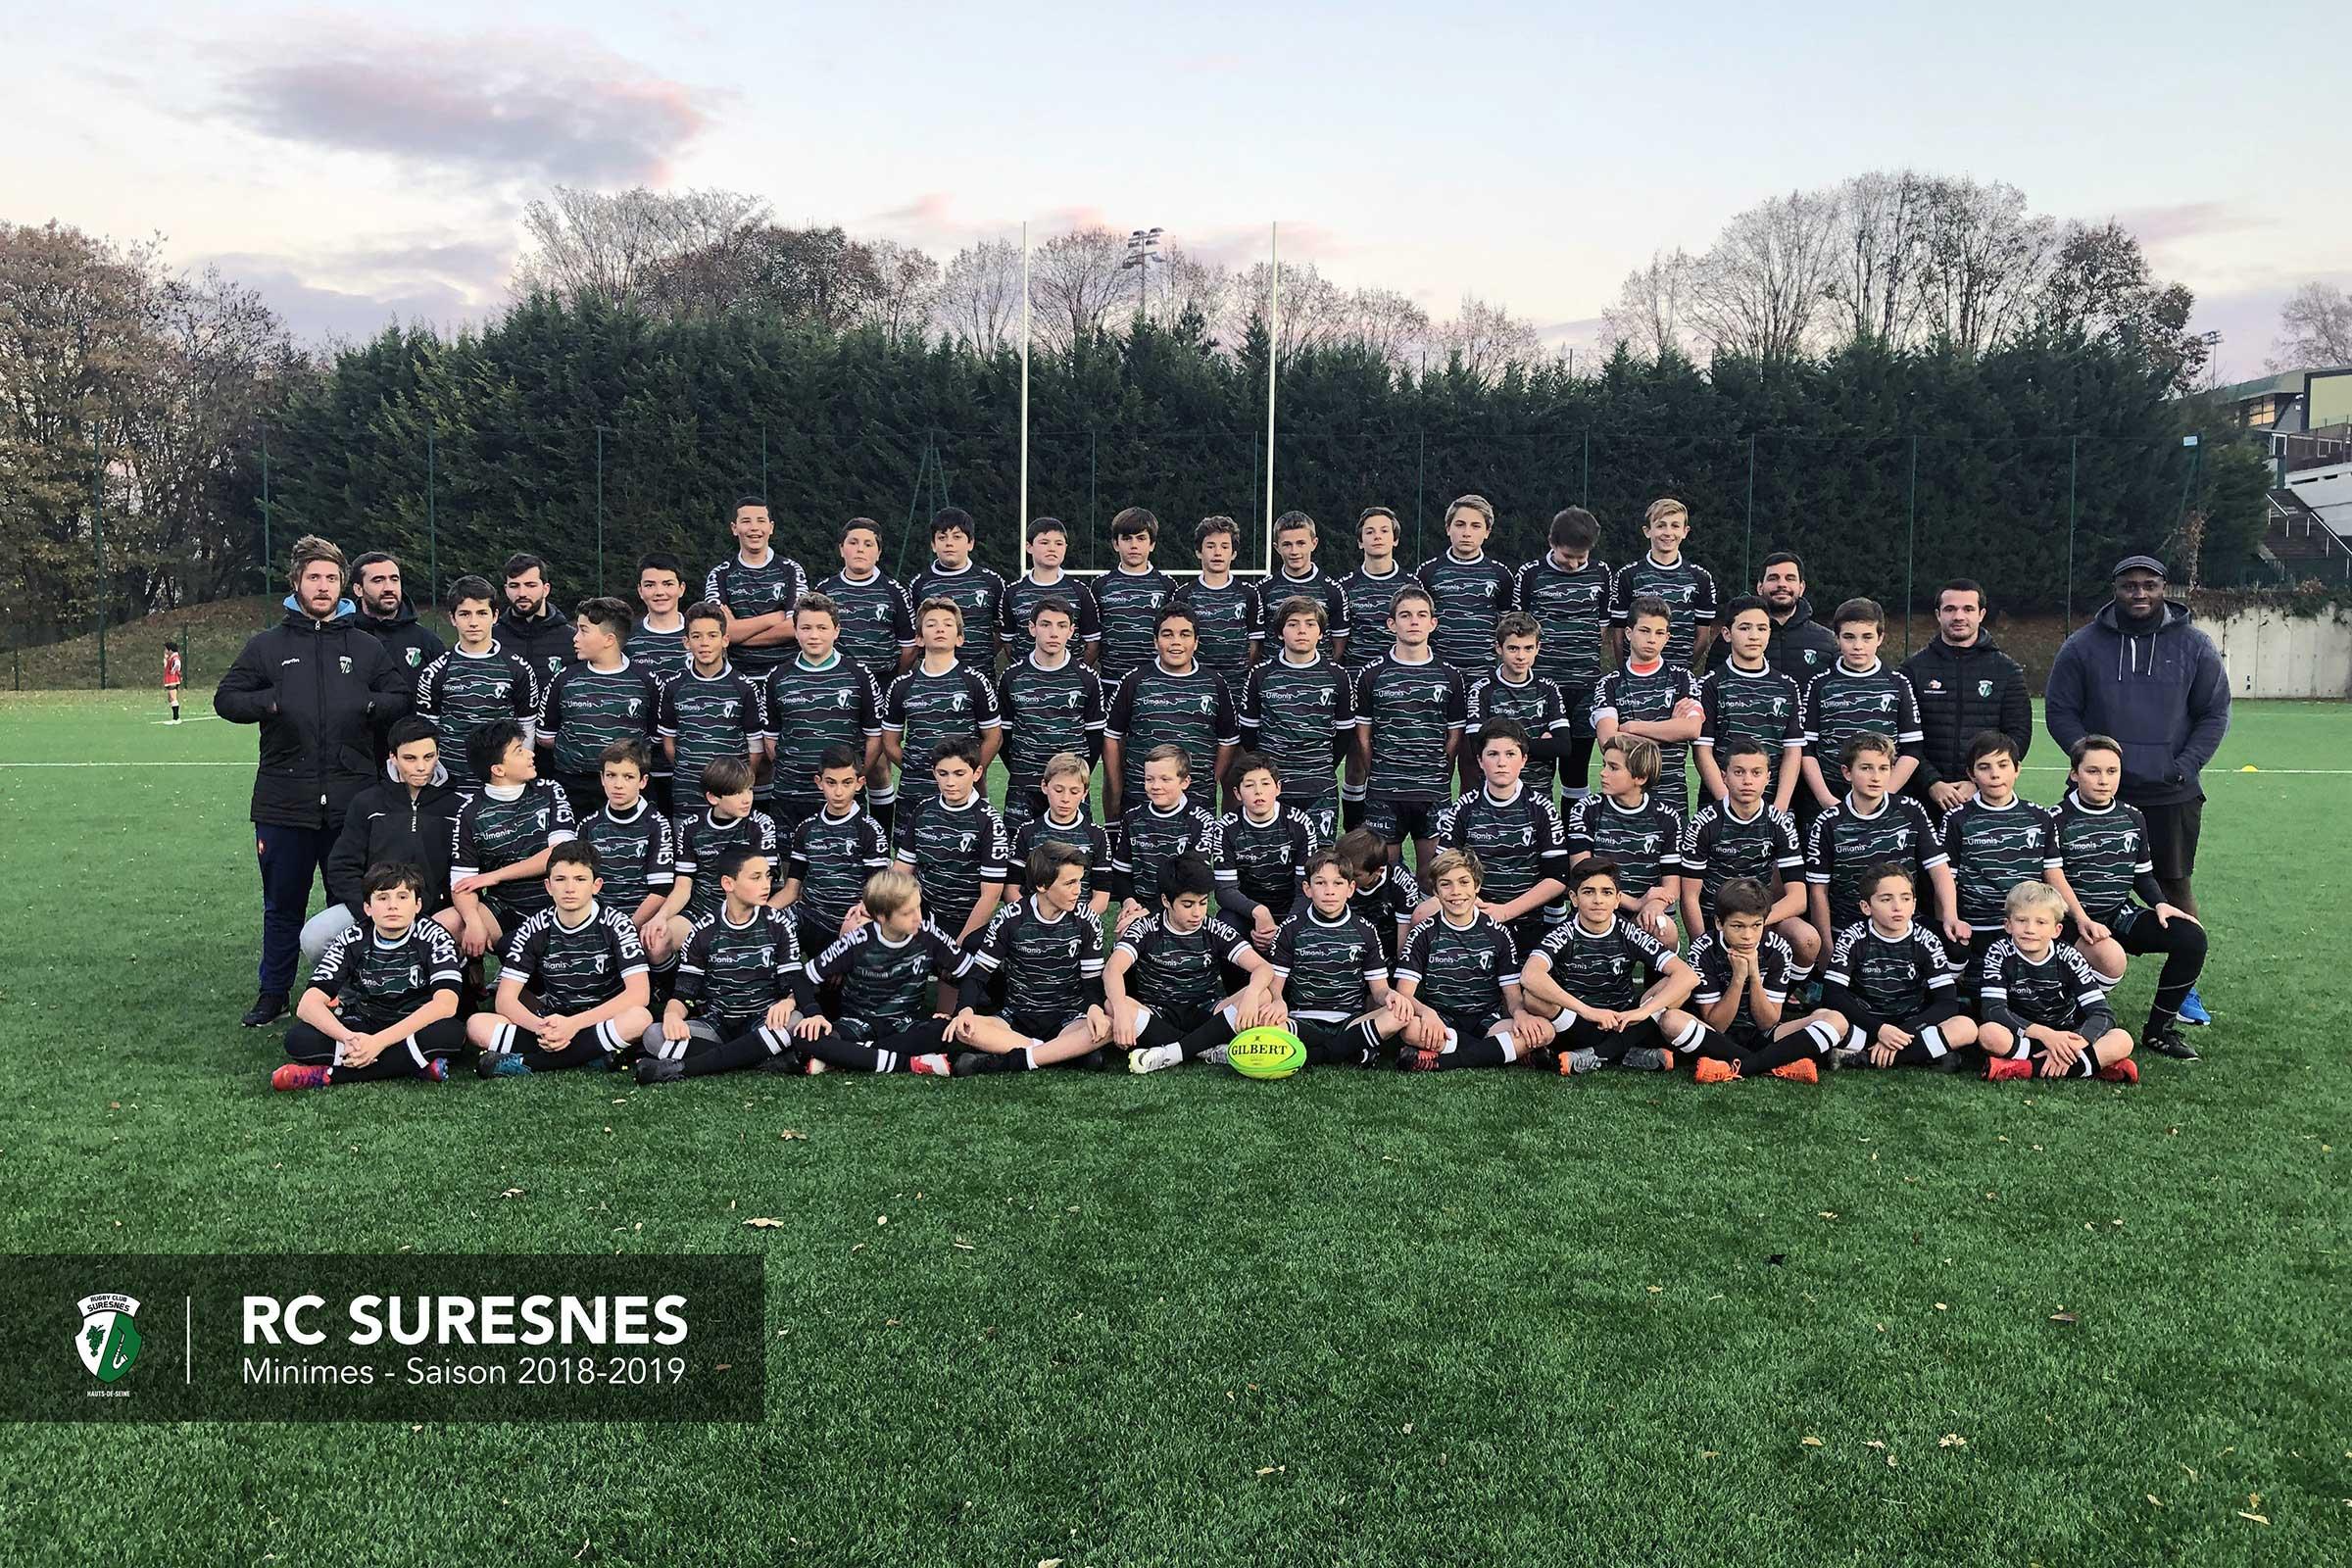 Les minimes du Rugby Club Suresnes Hauts-de-Seine / Saison 2018-2019